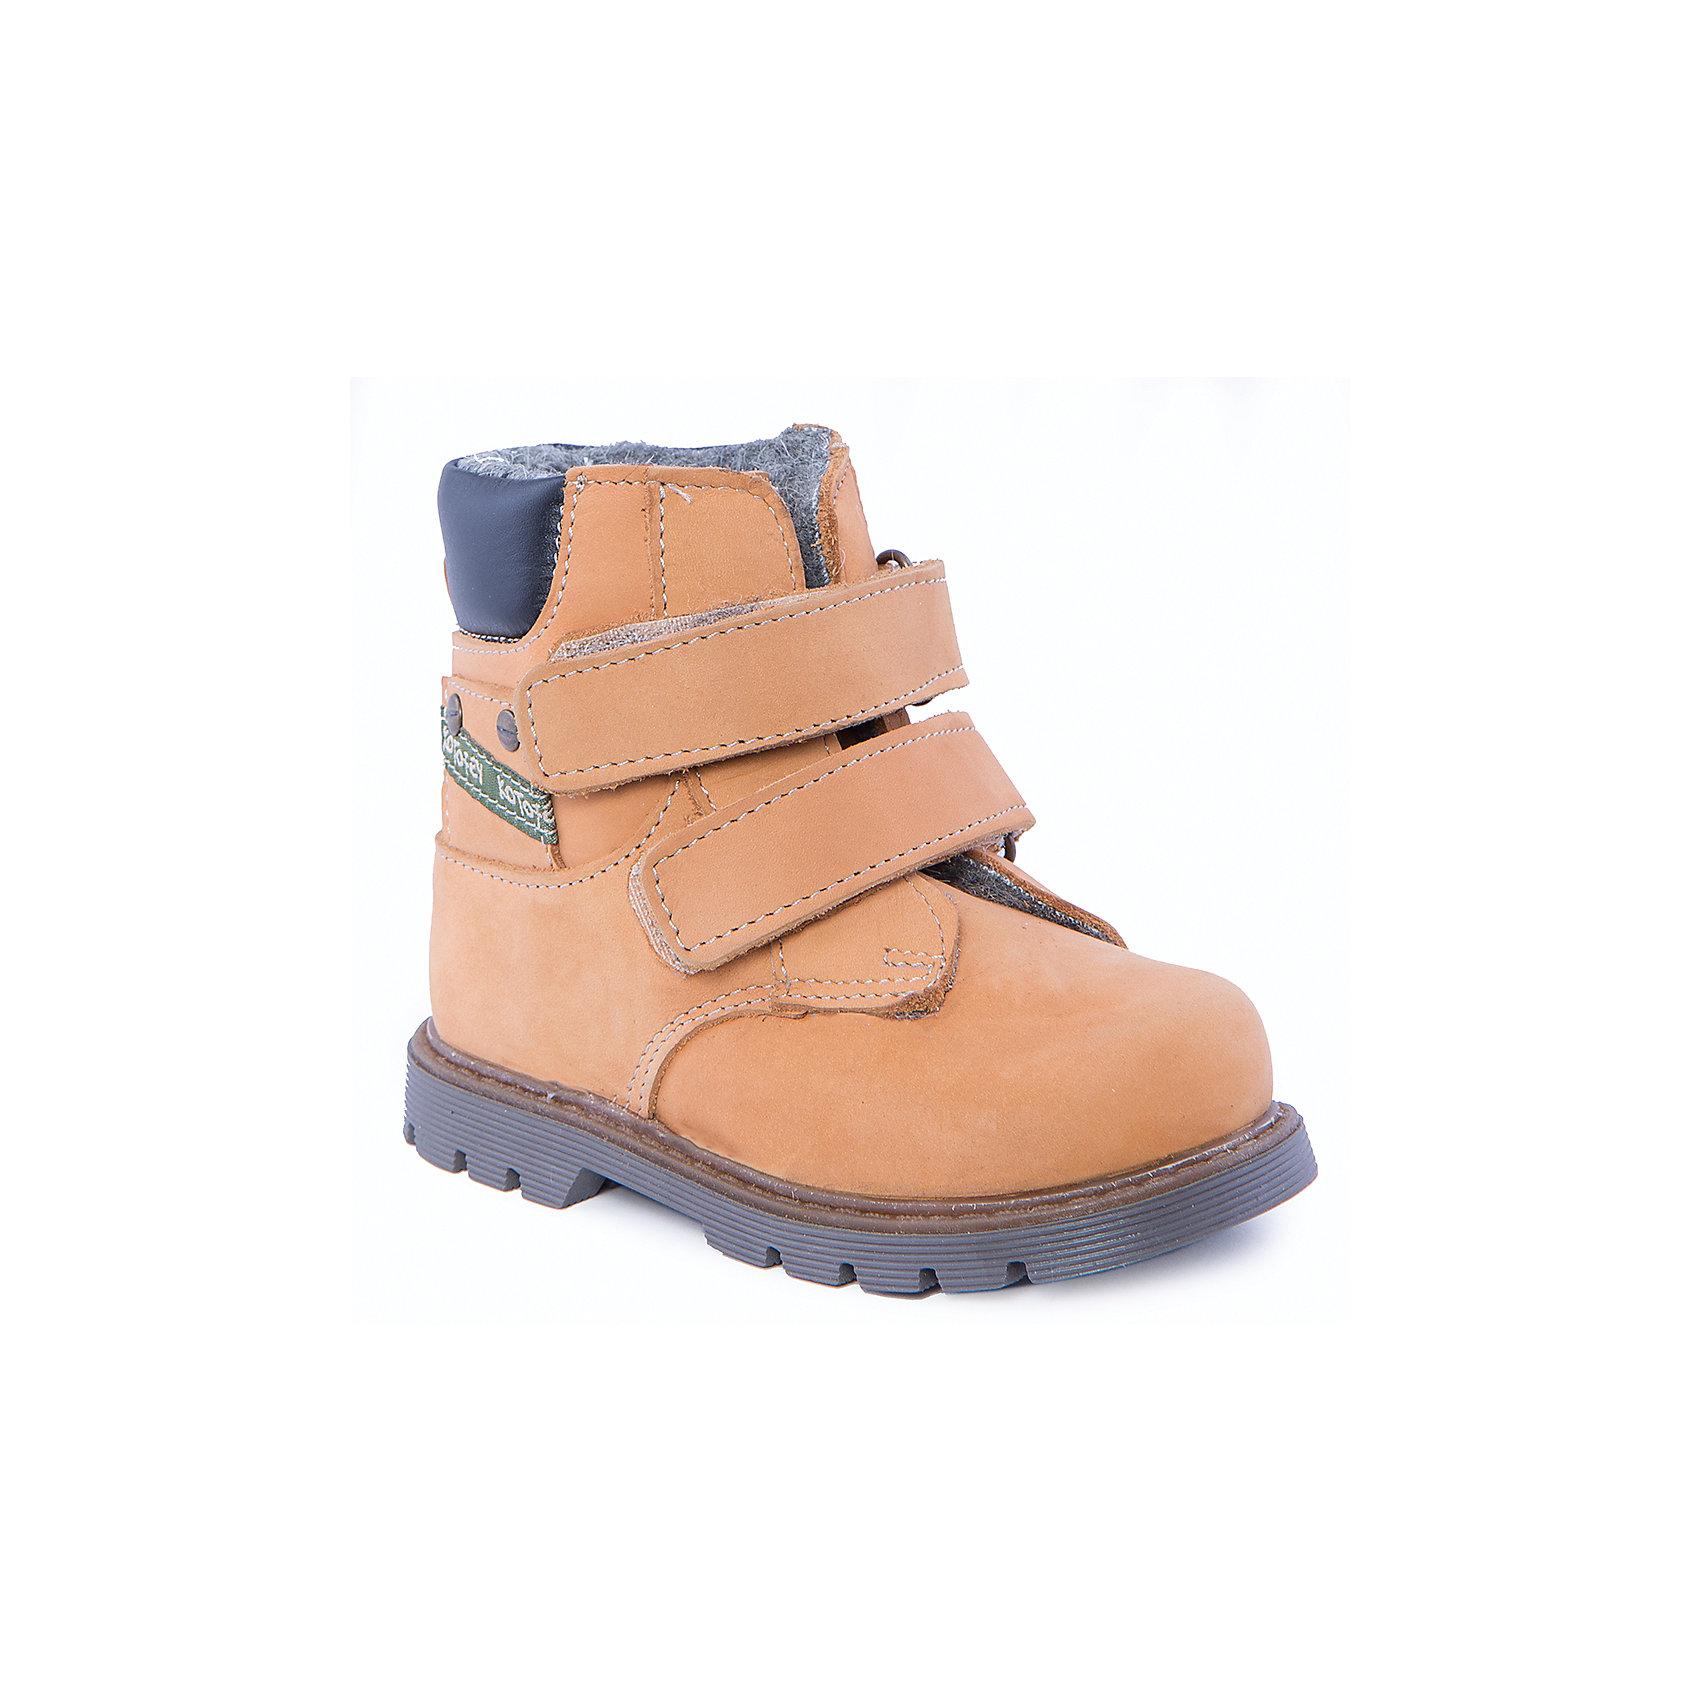 Ботинки для мальчика КотофейБотинки для мальчика от известного российского бренда Котофей<br><br>Стильные ботинки помогут защитить детские ножки от сырости и холода. Они легко надеваются, комфортно садятся по ноге.<br><br>Особенности модели: <br><br>- цвет - желтый;<br>- голенище полностью закрывает голеностоп;<br>- верх – натуральный нубук;<br>- комфортная колодка;<br>- подкладка утепленная;<br>- вид крепления – клеевой;<br>- защита пятки;<br>- амортизирующая устойчивая подошва;<br>- застежка - липучка.<br><br>Дополнительная информация:<br><br>Температурный режим: <br><br>от 0° С до -25° С<br><br>Состав:<br>верх – натуральная кожа;<br>подкладка - овчина;<br>подошва - ТЭП.<br><br>Ботинки для мальчика Котофей можно купить в нашем магазине.<br><br>Ширина мм: 262<br>Глубина мм: 176<br>Высота мм: 97<br>Вес г: 427<br>Цвет: желтый<br>Возраст от месяцев: 18<br>Возраст до месяцев: 21<br>Пол: Мужской<br>Возраст: Детский<br>Размер: 23,24,25,26<br>SKU: 4315308